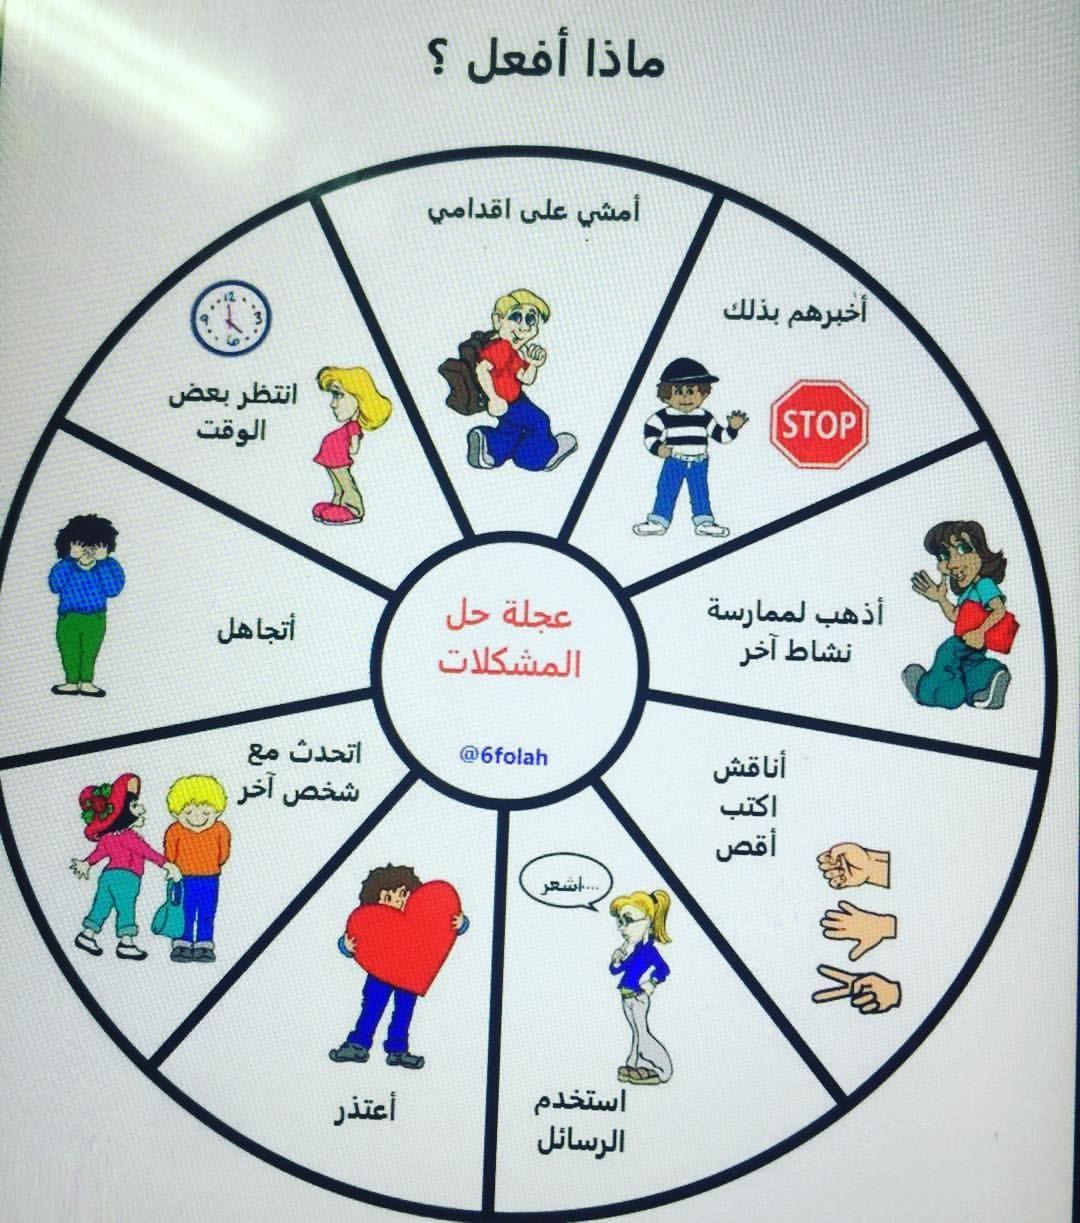 عجلة حل المشكلات فطن لجيل آمن فطن تربيه قيم Learning Arabic Arabic Kids Arabic Lessons